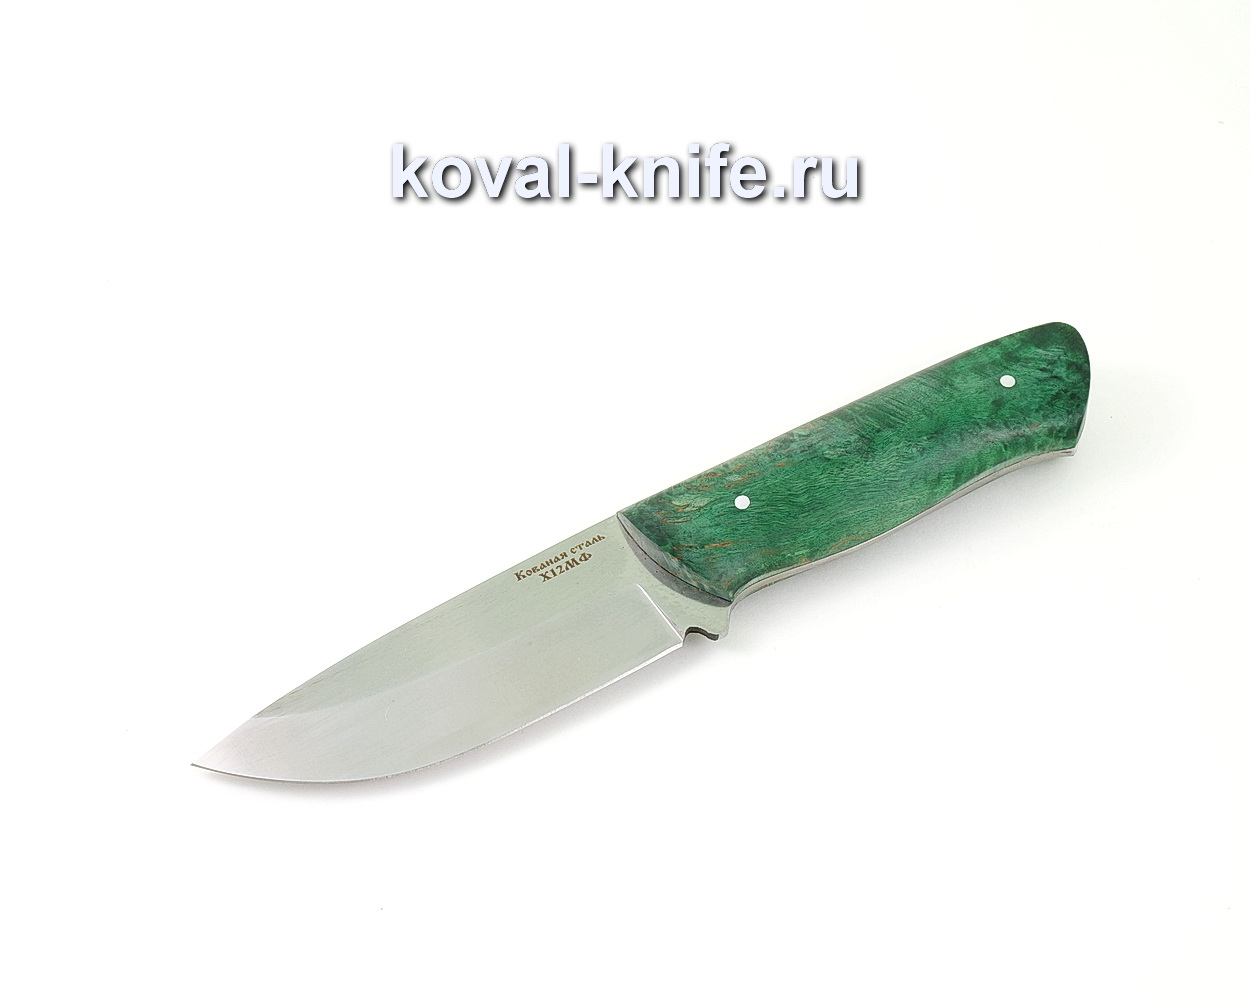 Нож цельнометаллический из кованой стали Х12МФ САПСАН  (рукоять стабилизированная карельская береза) A498